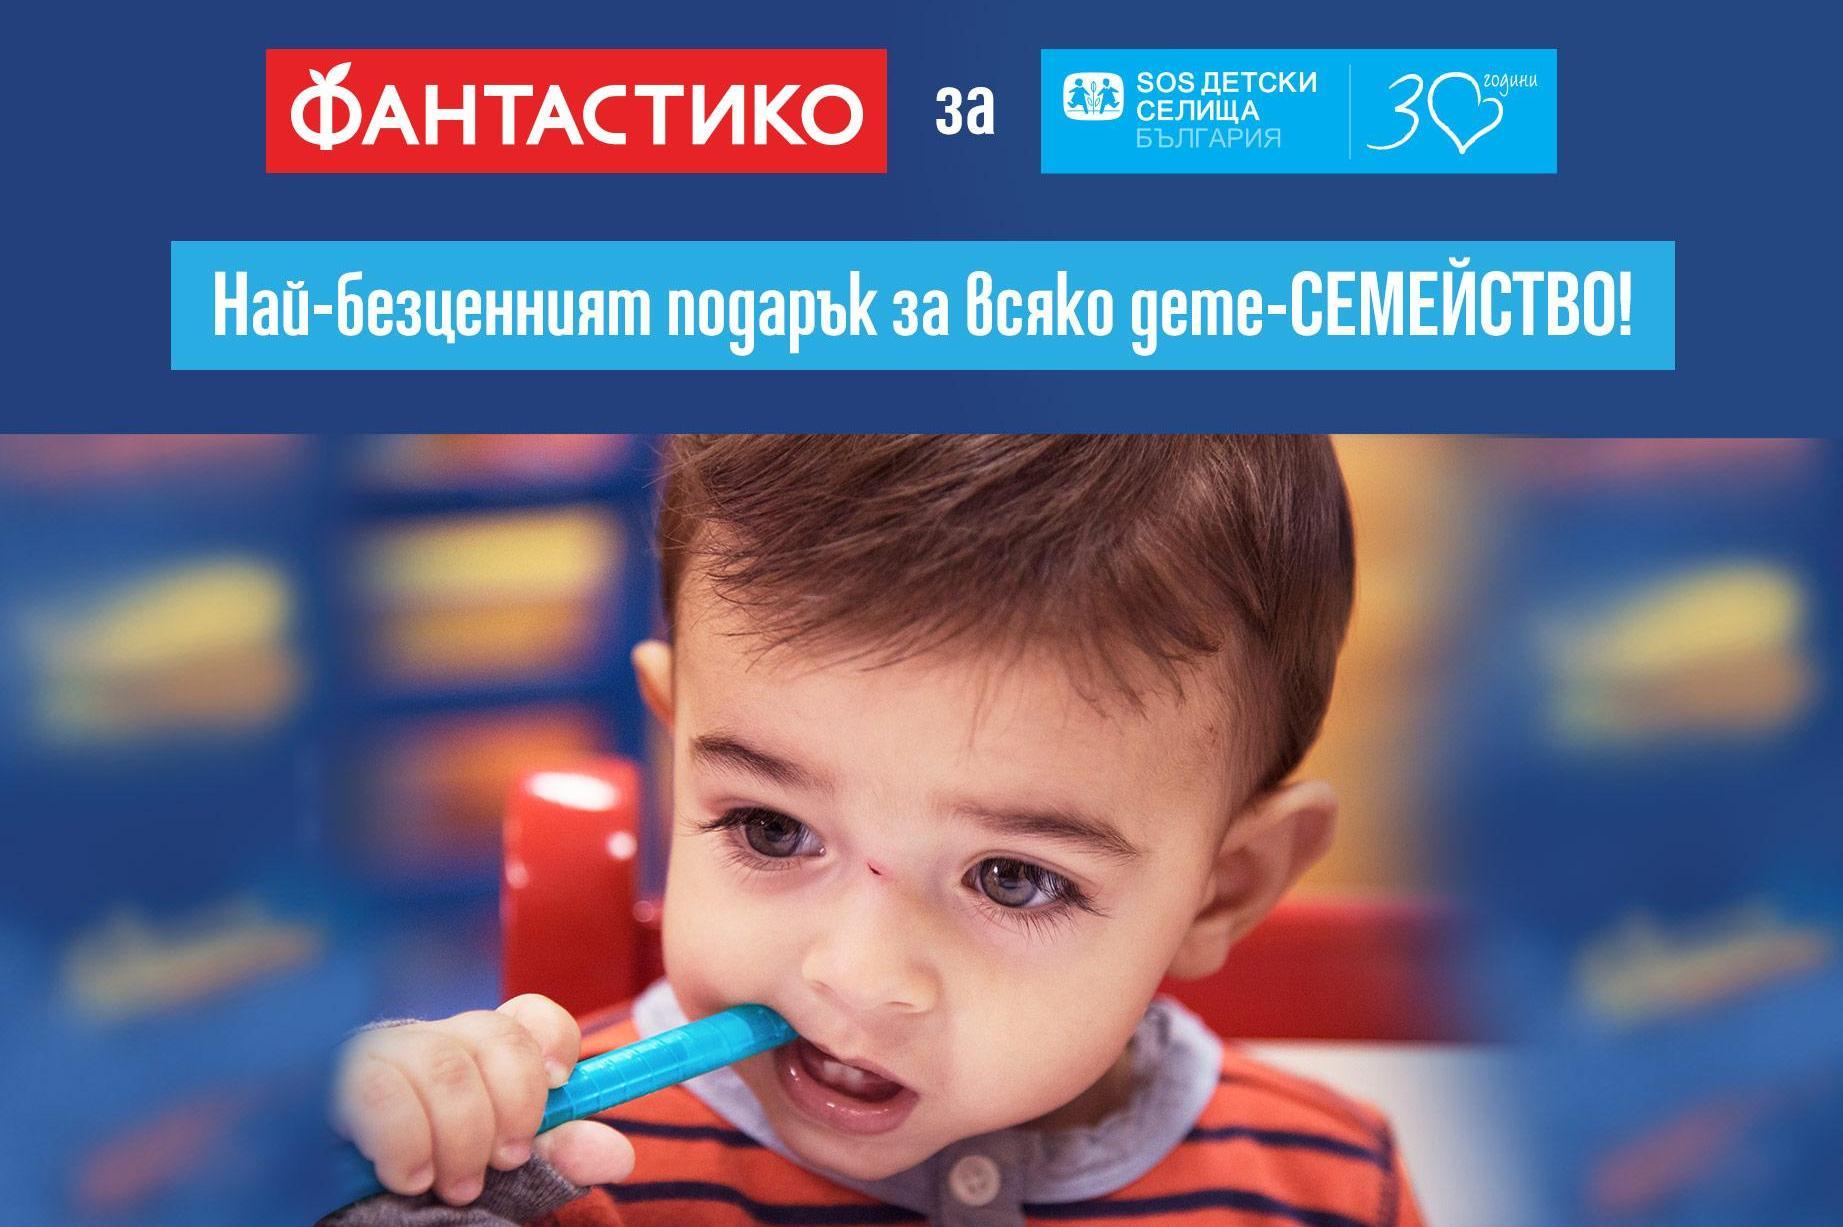 Фантастико и SOS Детски селища в България с нова кампания в подкрепа на при